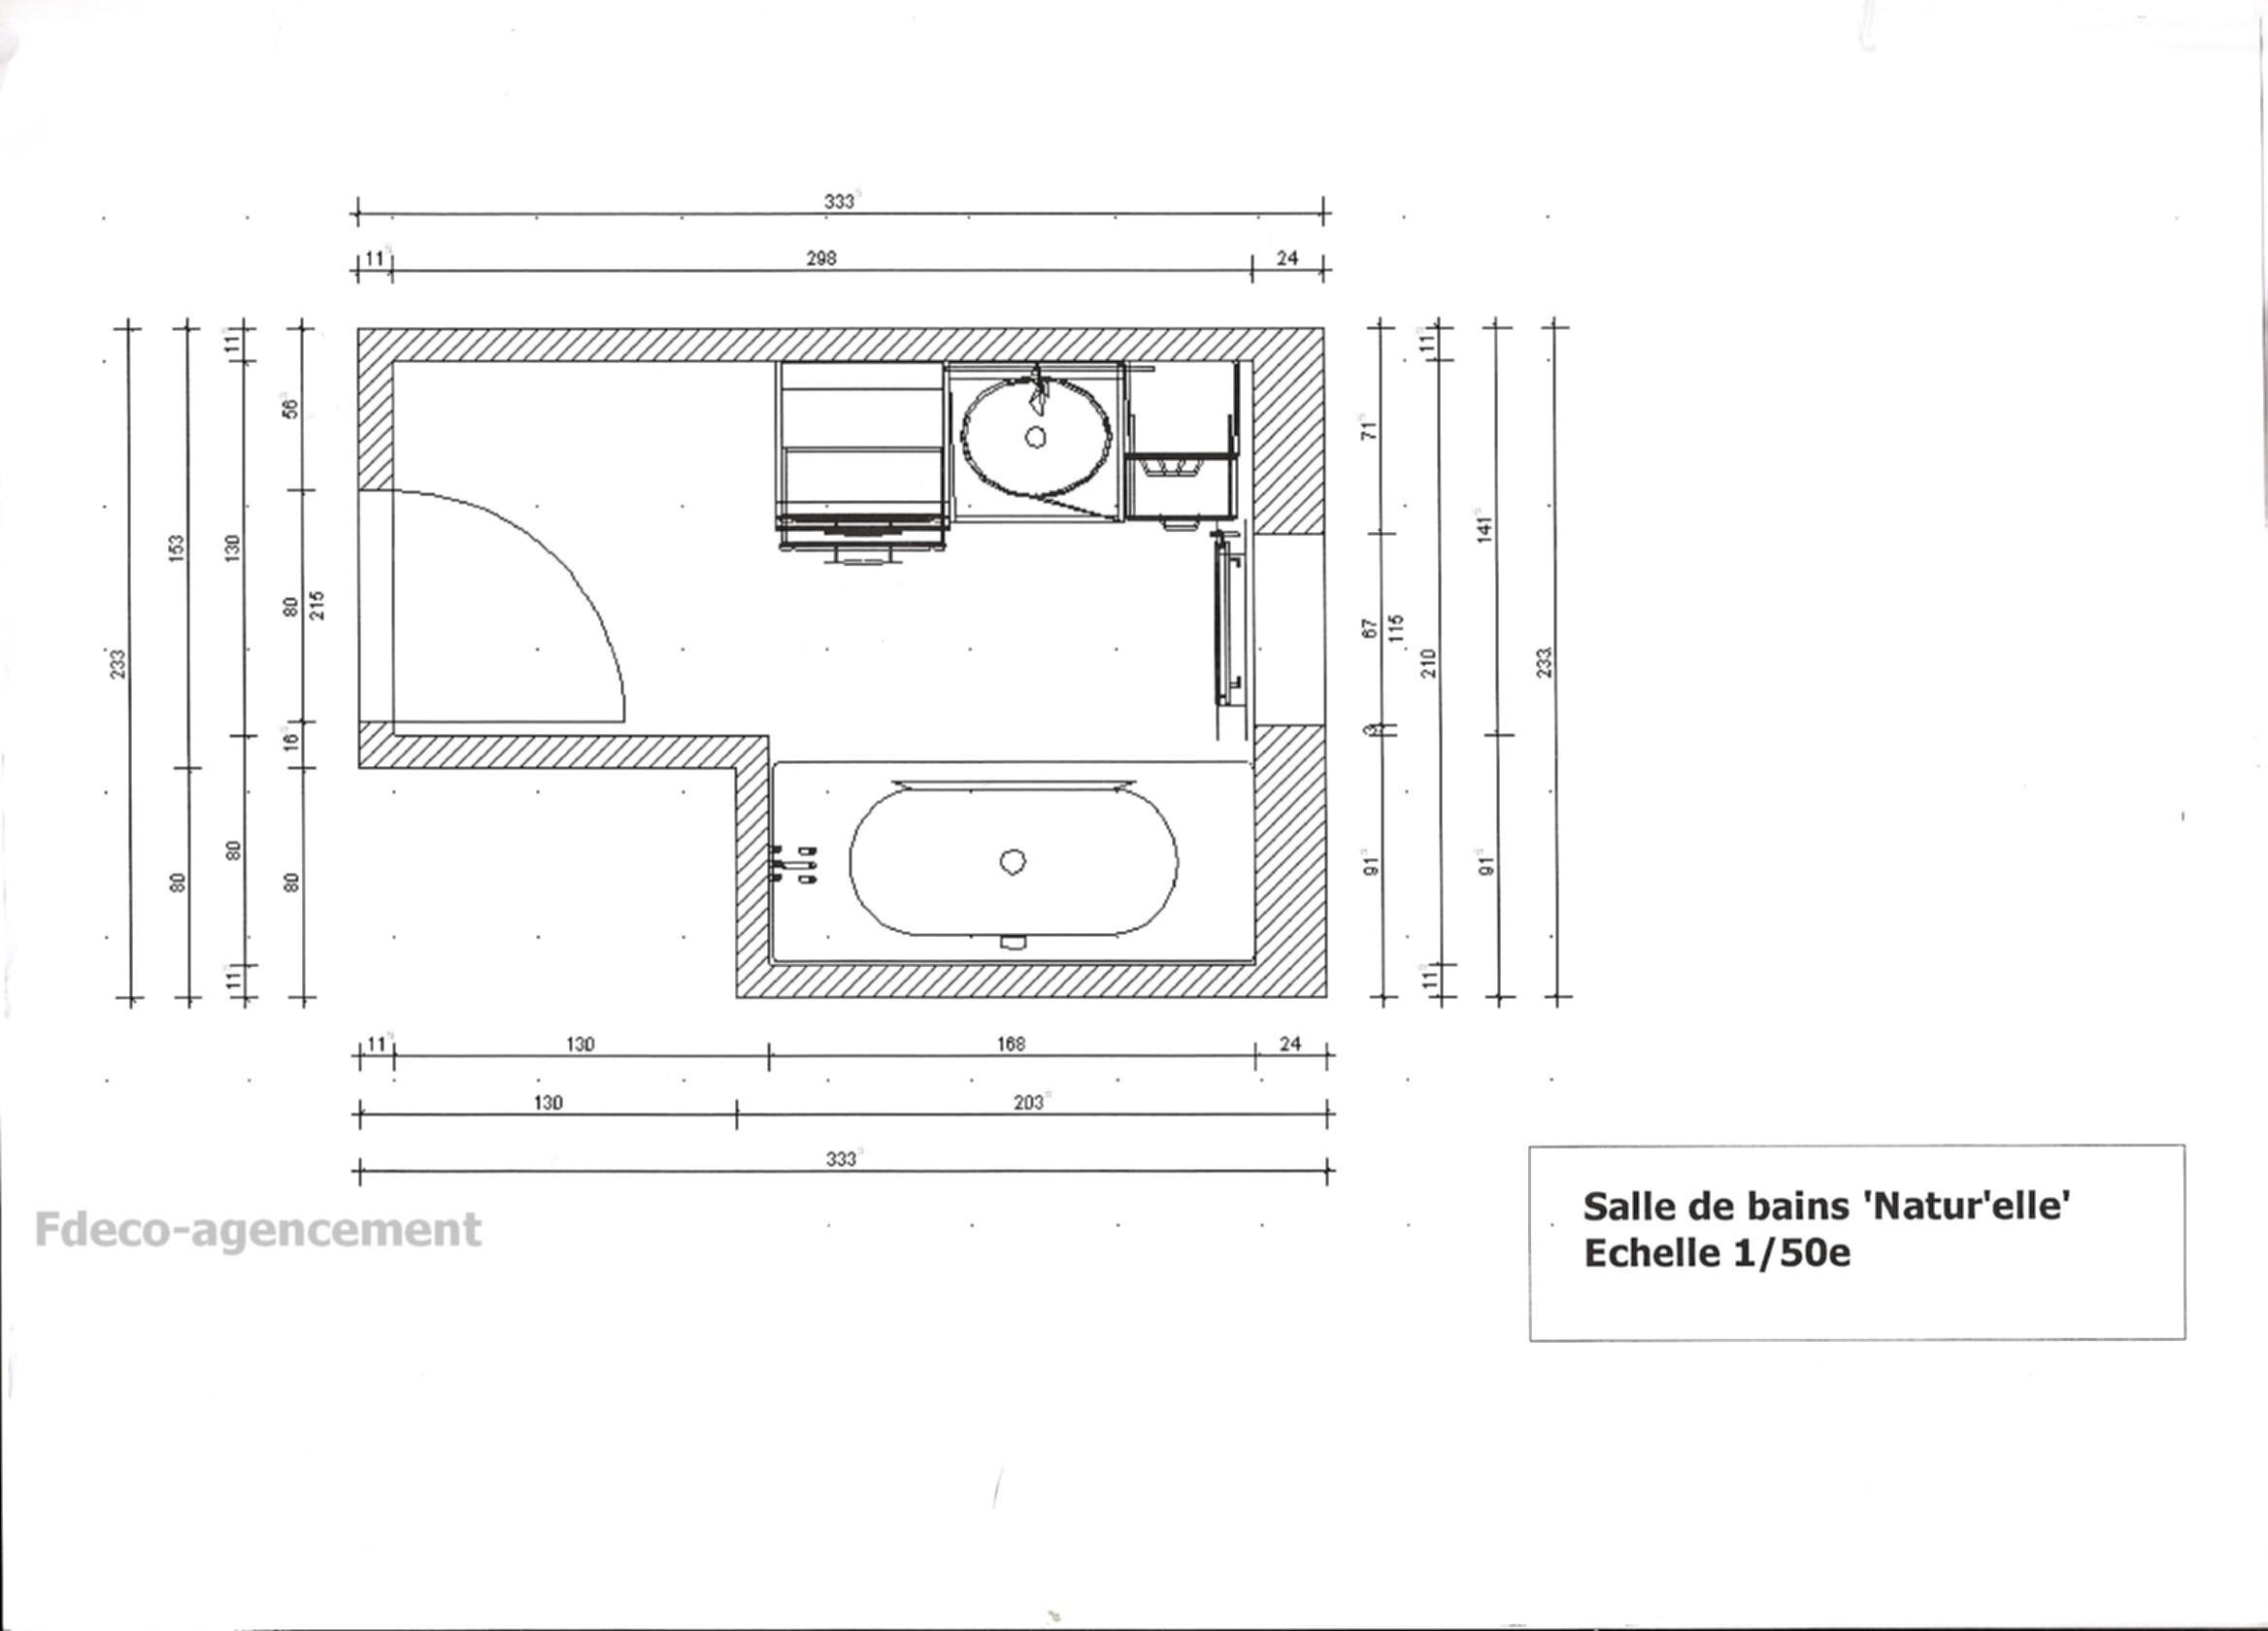 impressionnant chaise de bain pour handicape norme douche handicape luxe galerie saale dentaltechnik gmbh co kg bonnes idees